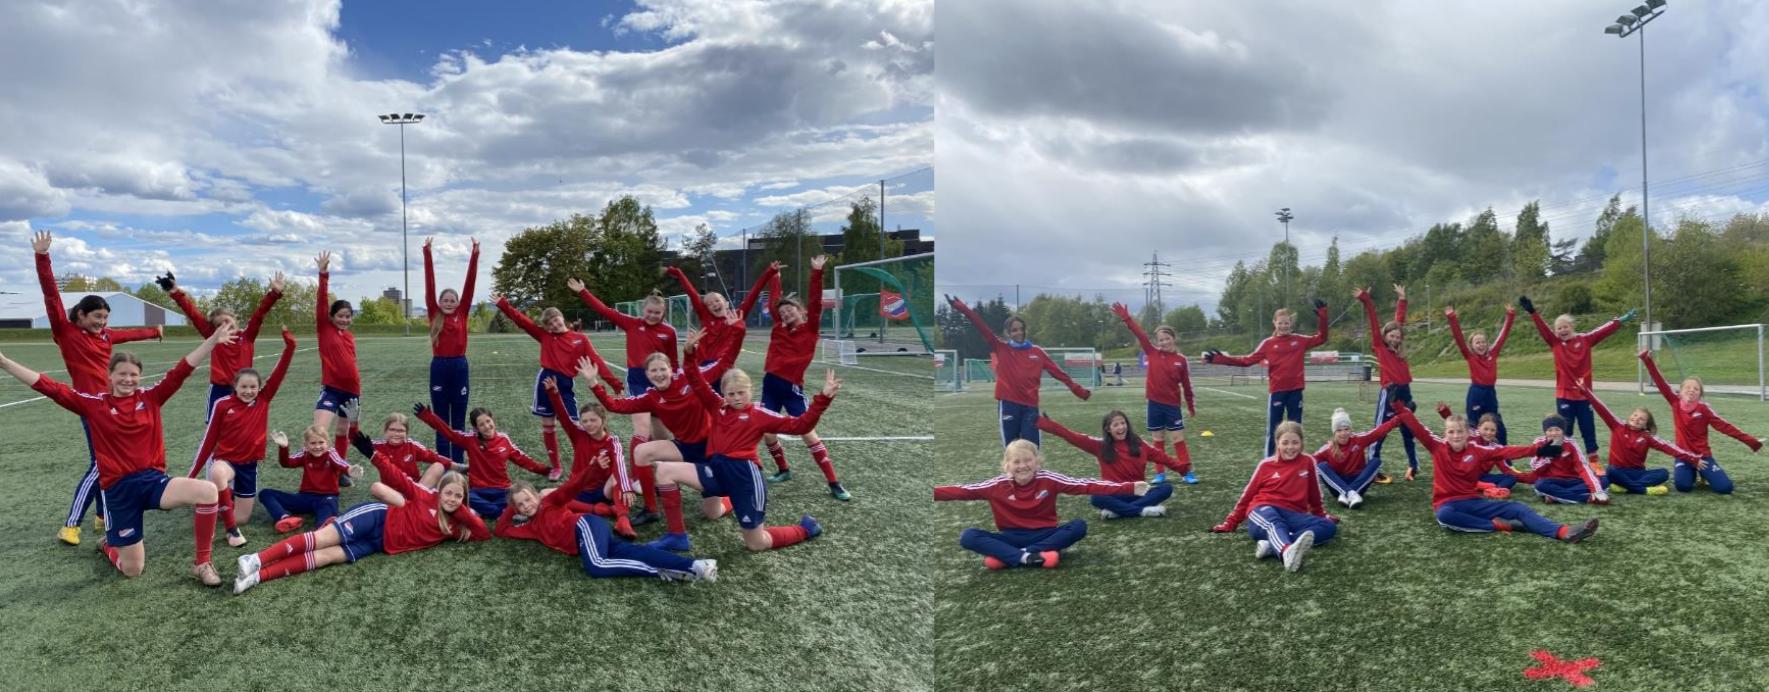 Bilde av ivrige jentespillere i Hasle-Løren fotball.